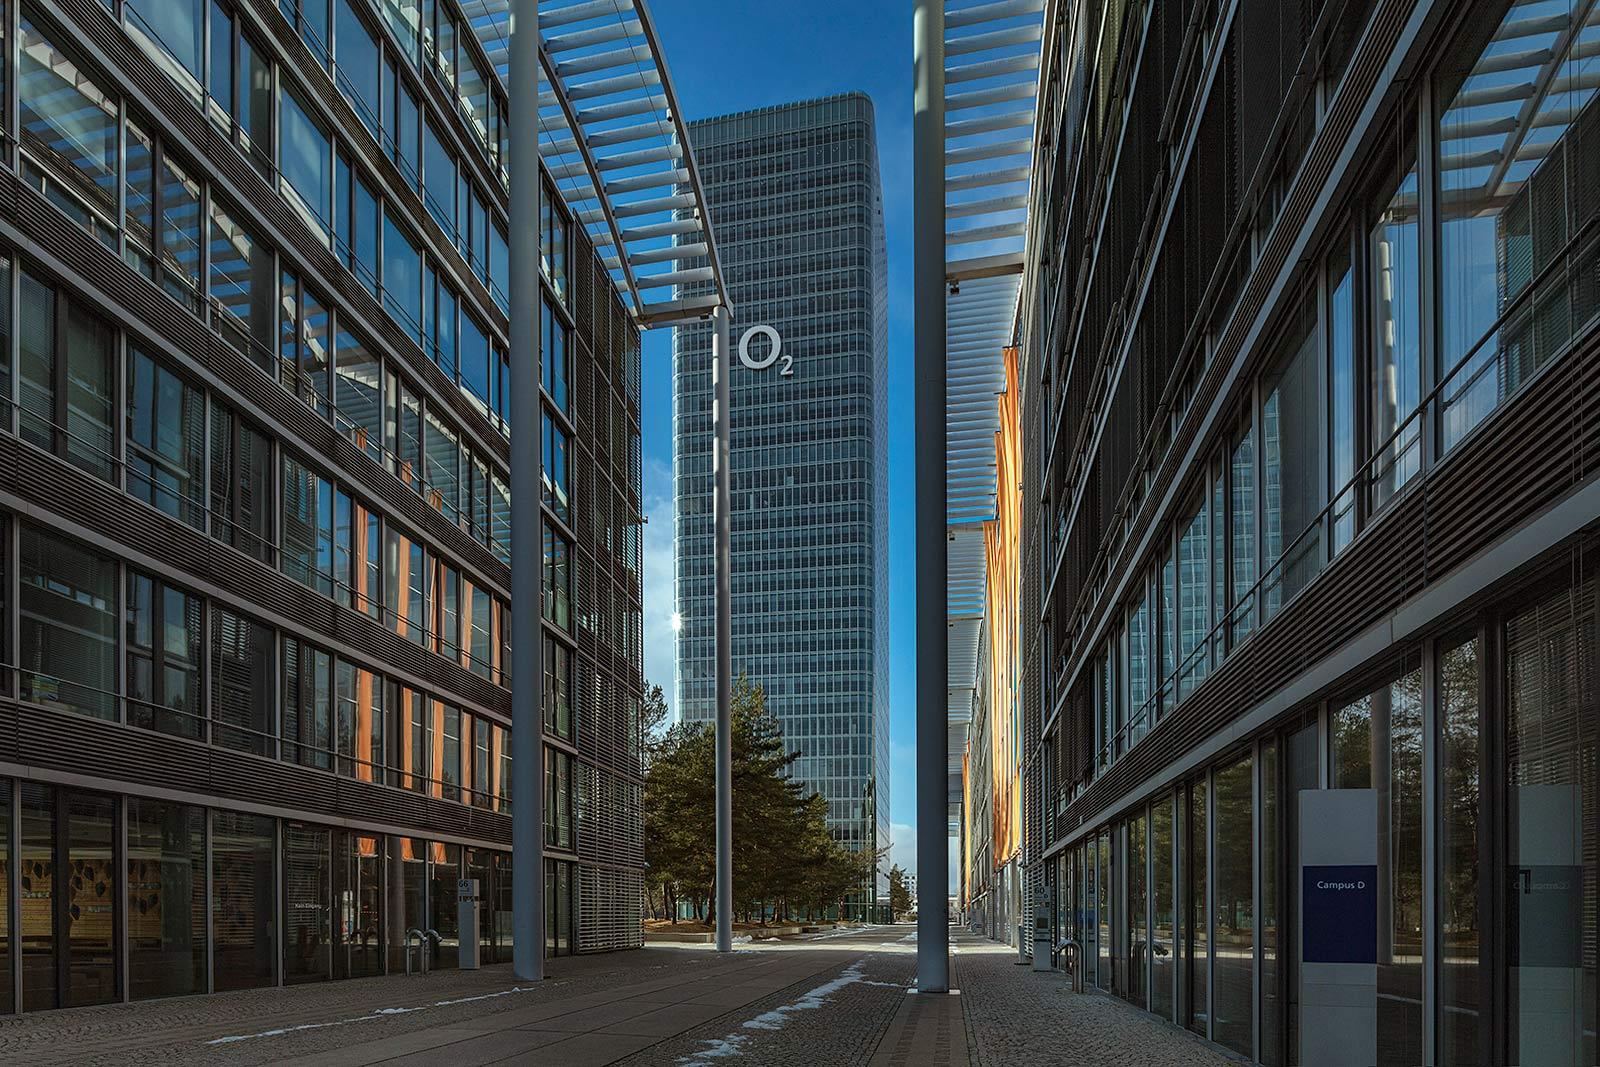 Architekturfotograf in München, Hochhaus Aufnahme